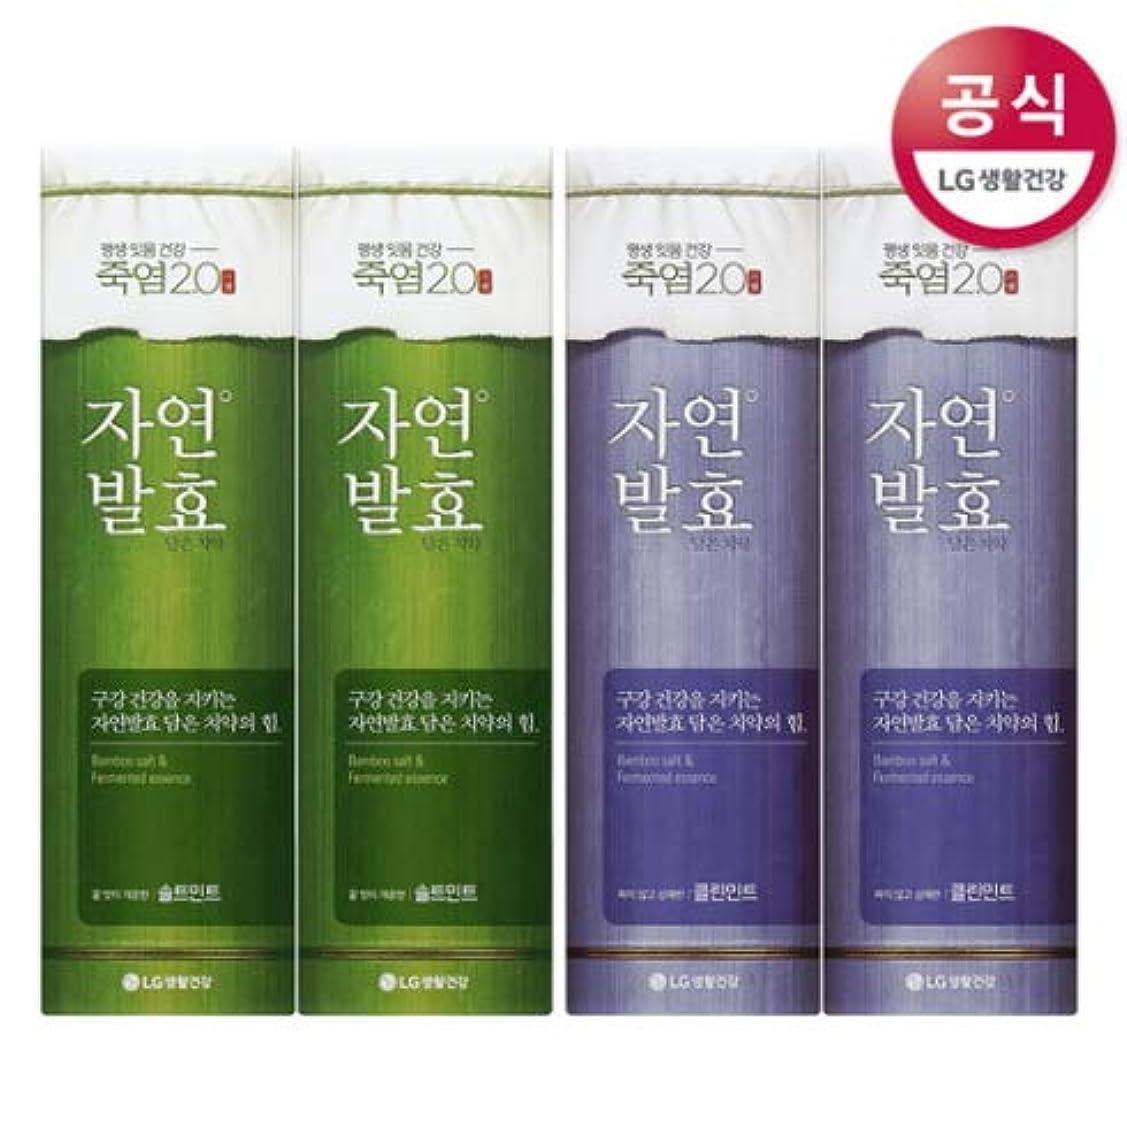 狐小さな修正する[LG HnB] Bamboo salt natural fermentation toothpaste/竹塩自然発酵入れた歯磨き粉 100gx4個(海外直送品)